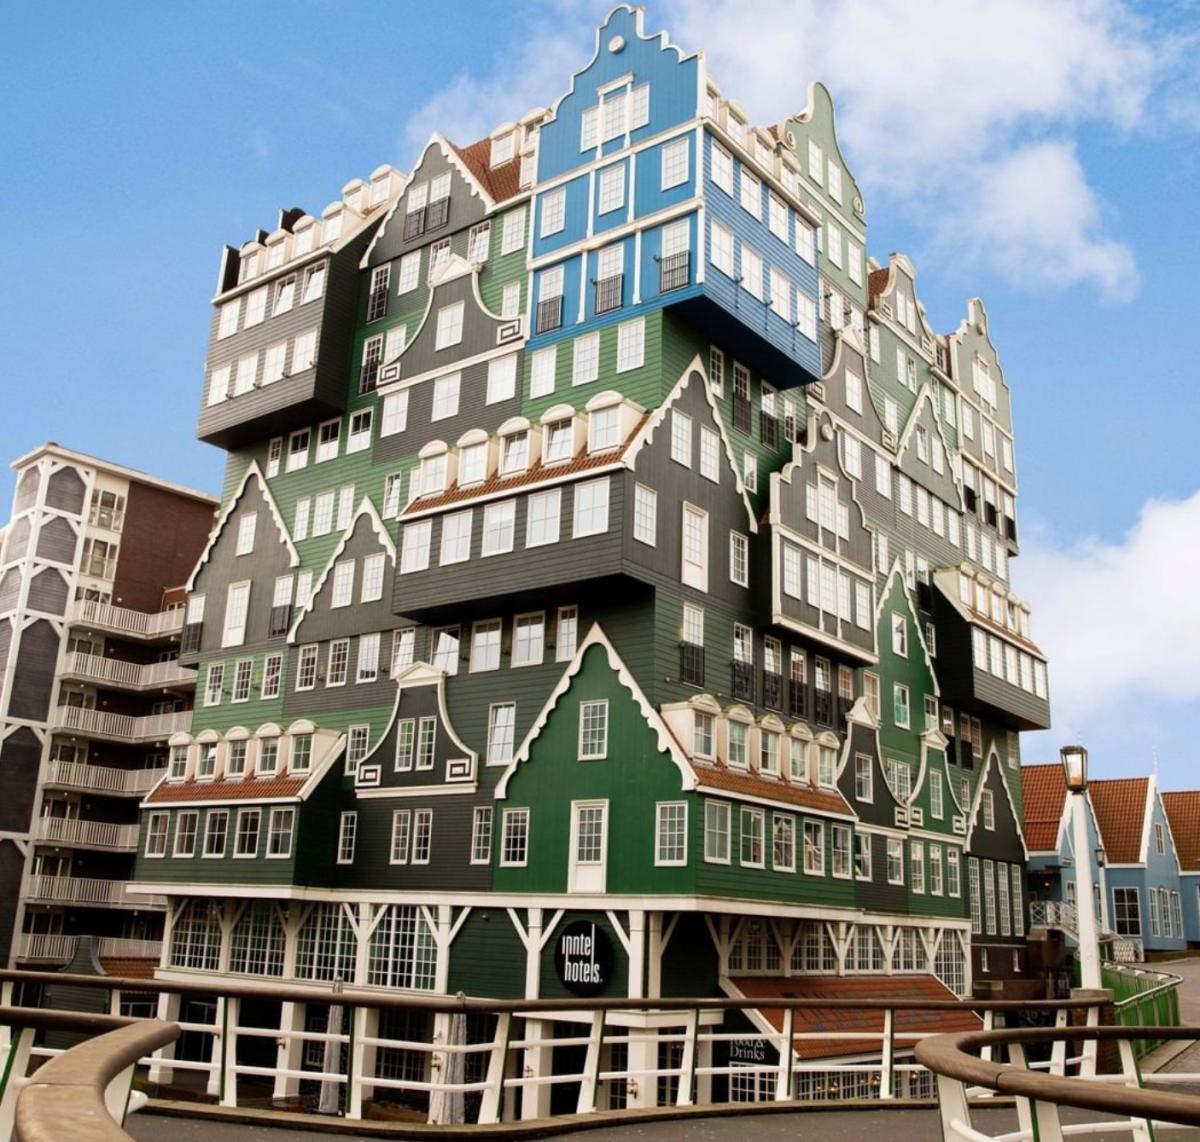 Khách sạn ở thủ đô Amsterdam của Hà Lan này được thiết kế như sự lắp ghép của hàng chục lâu đài được xếp chồng lên nhau.